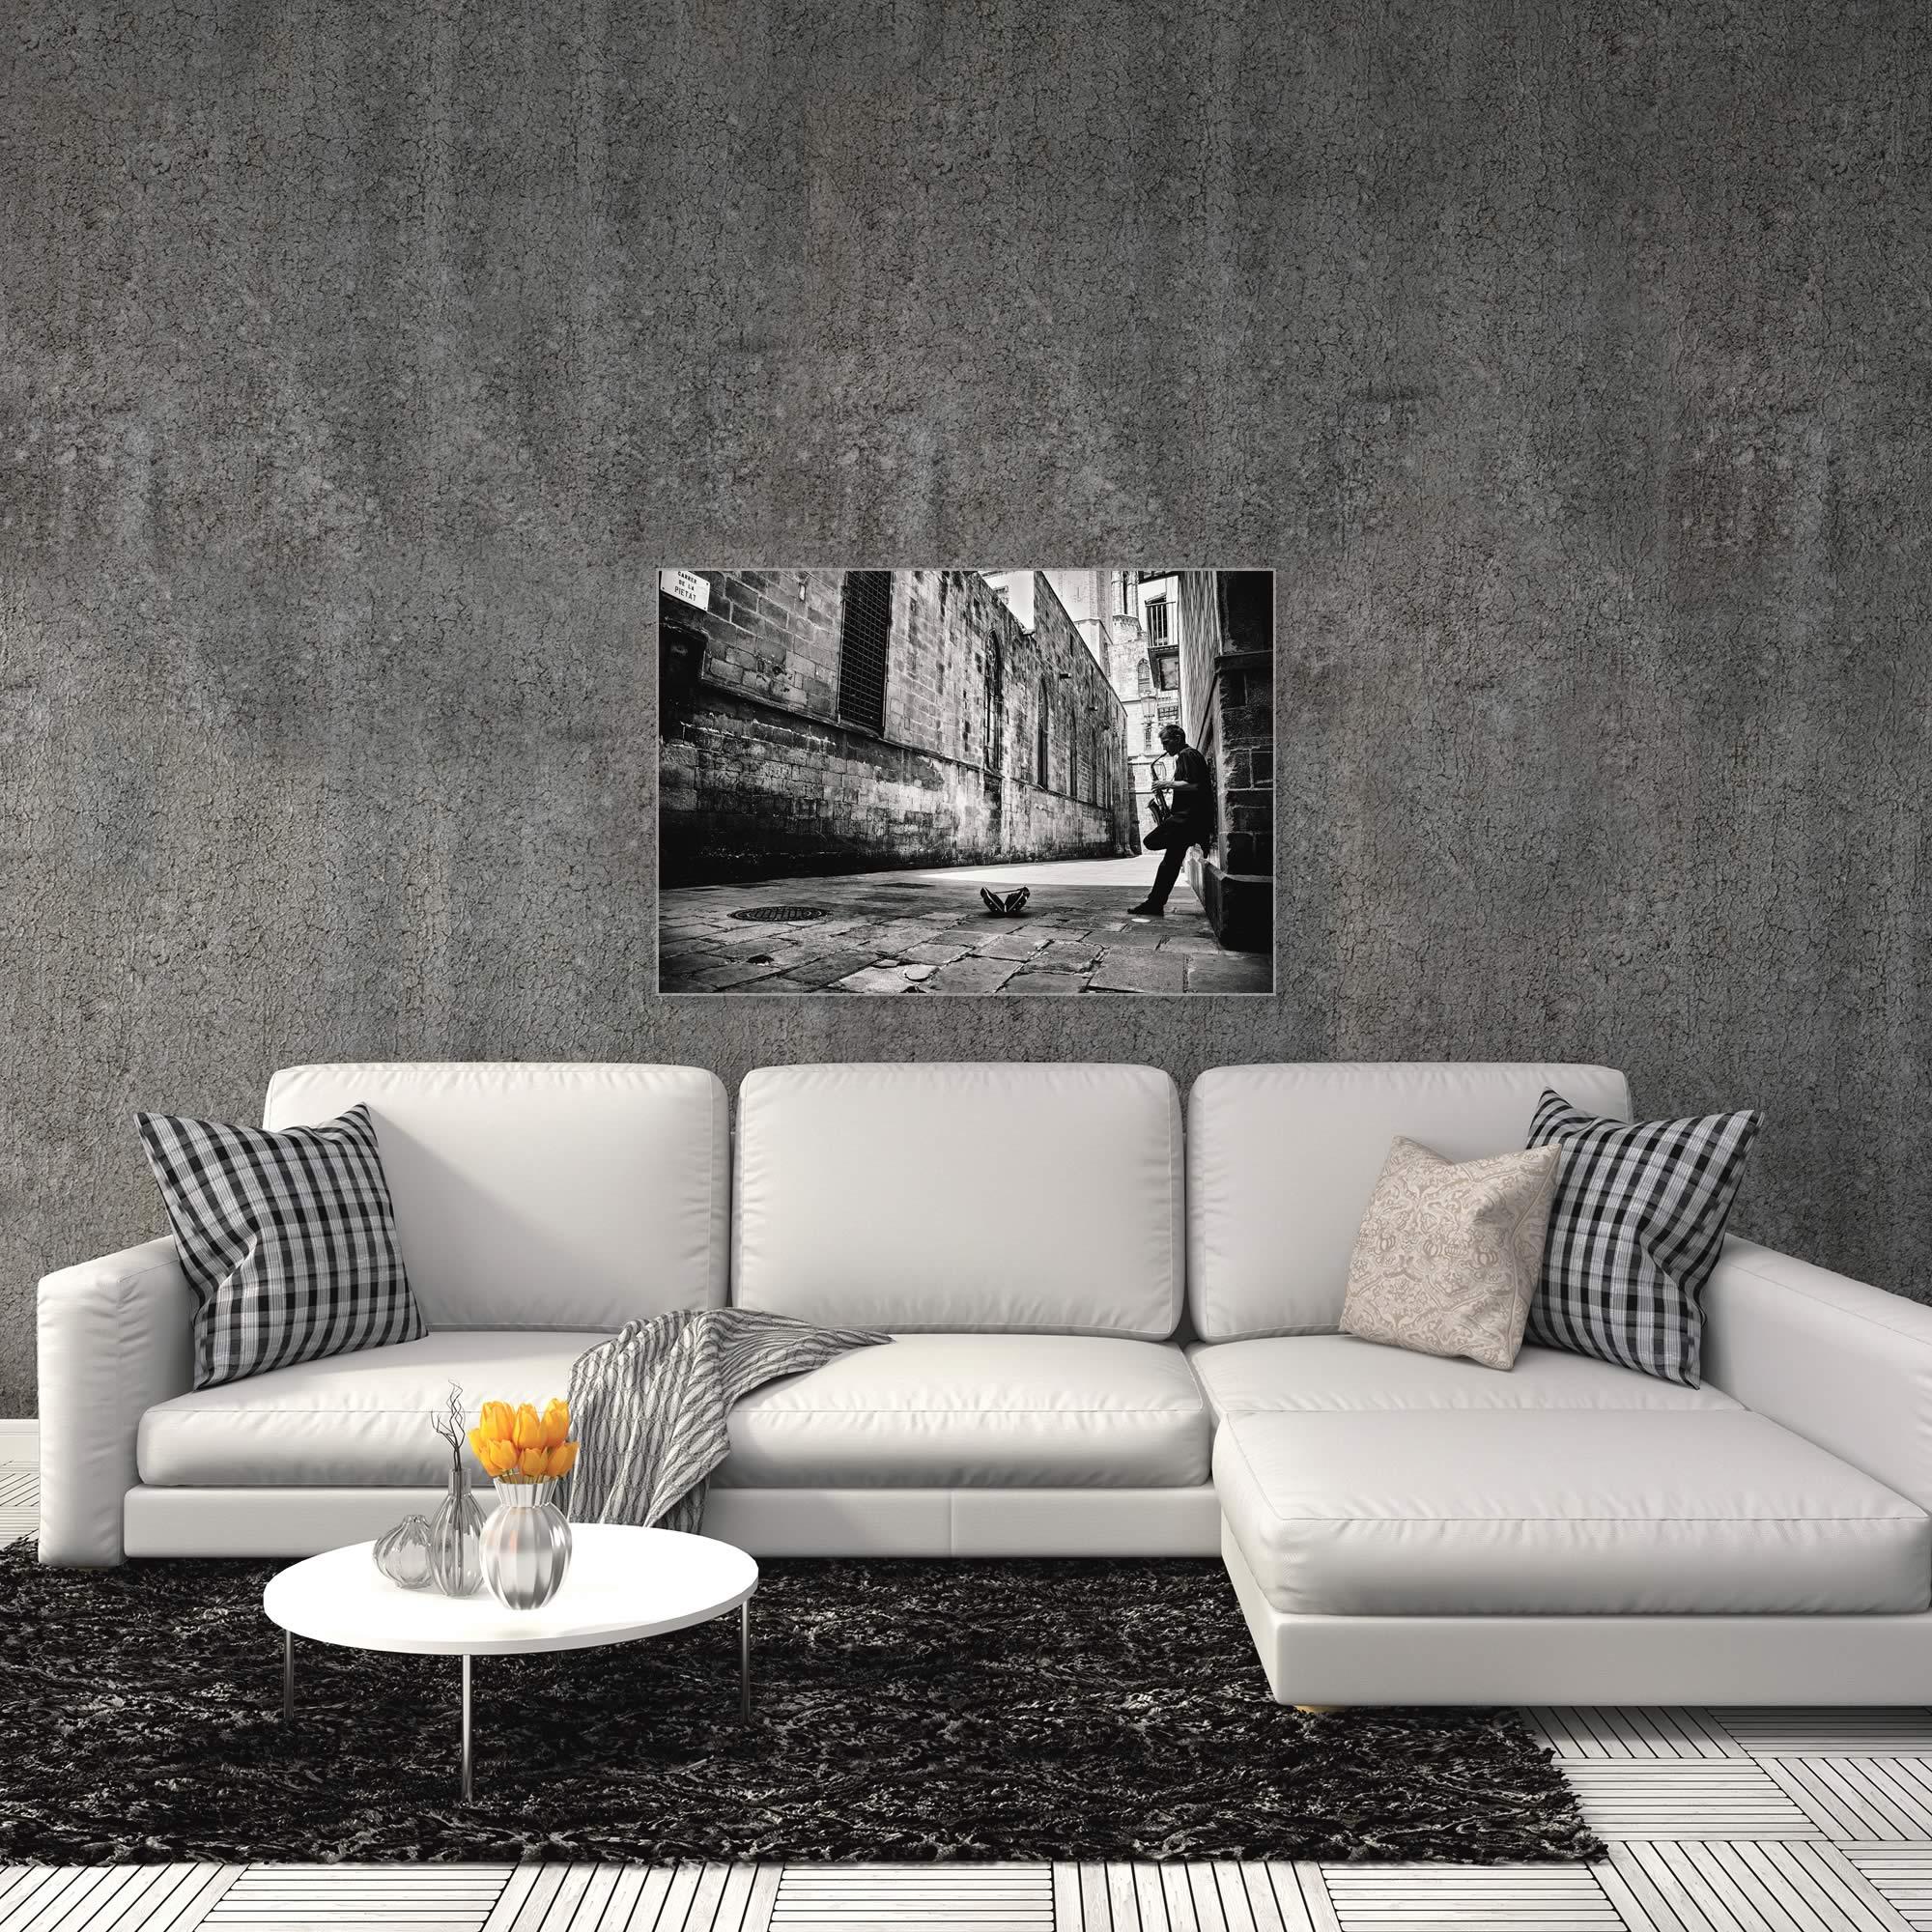 Sax in the City by GertJan van Geerenstein - Black & White Music Art on Metal or Acrylic - Alternate View 3